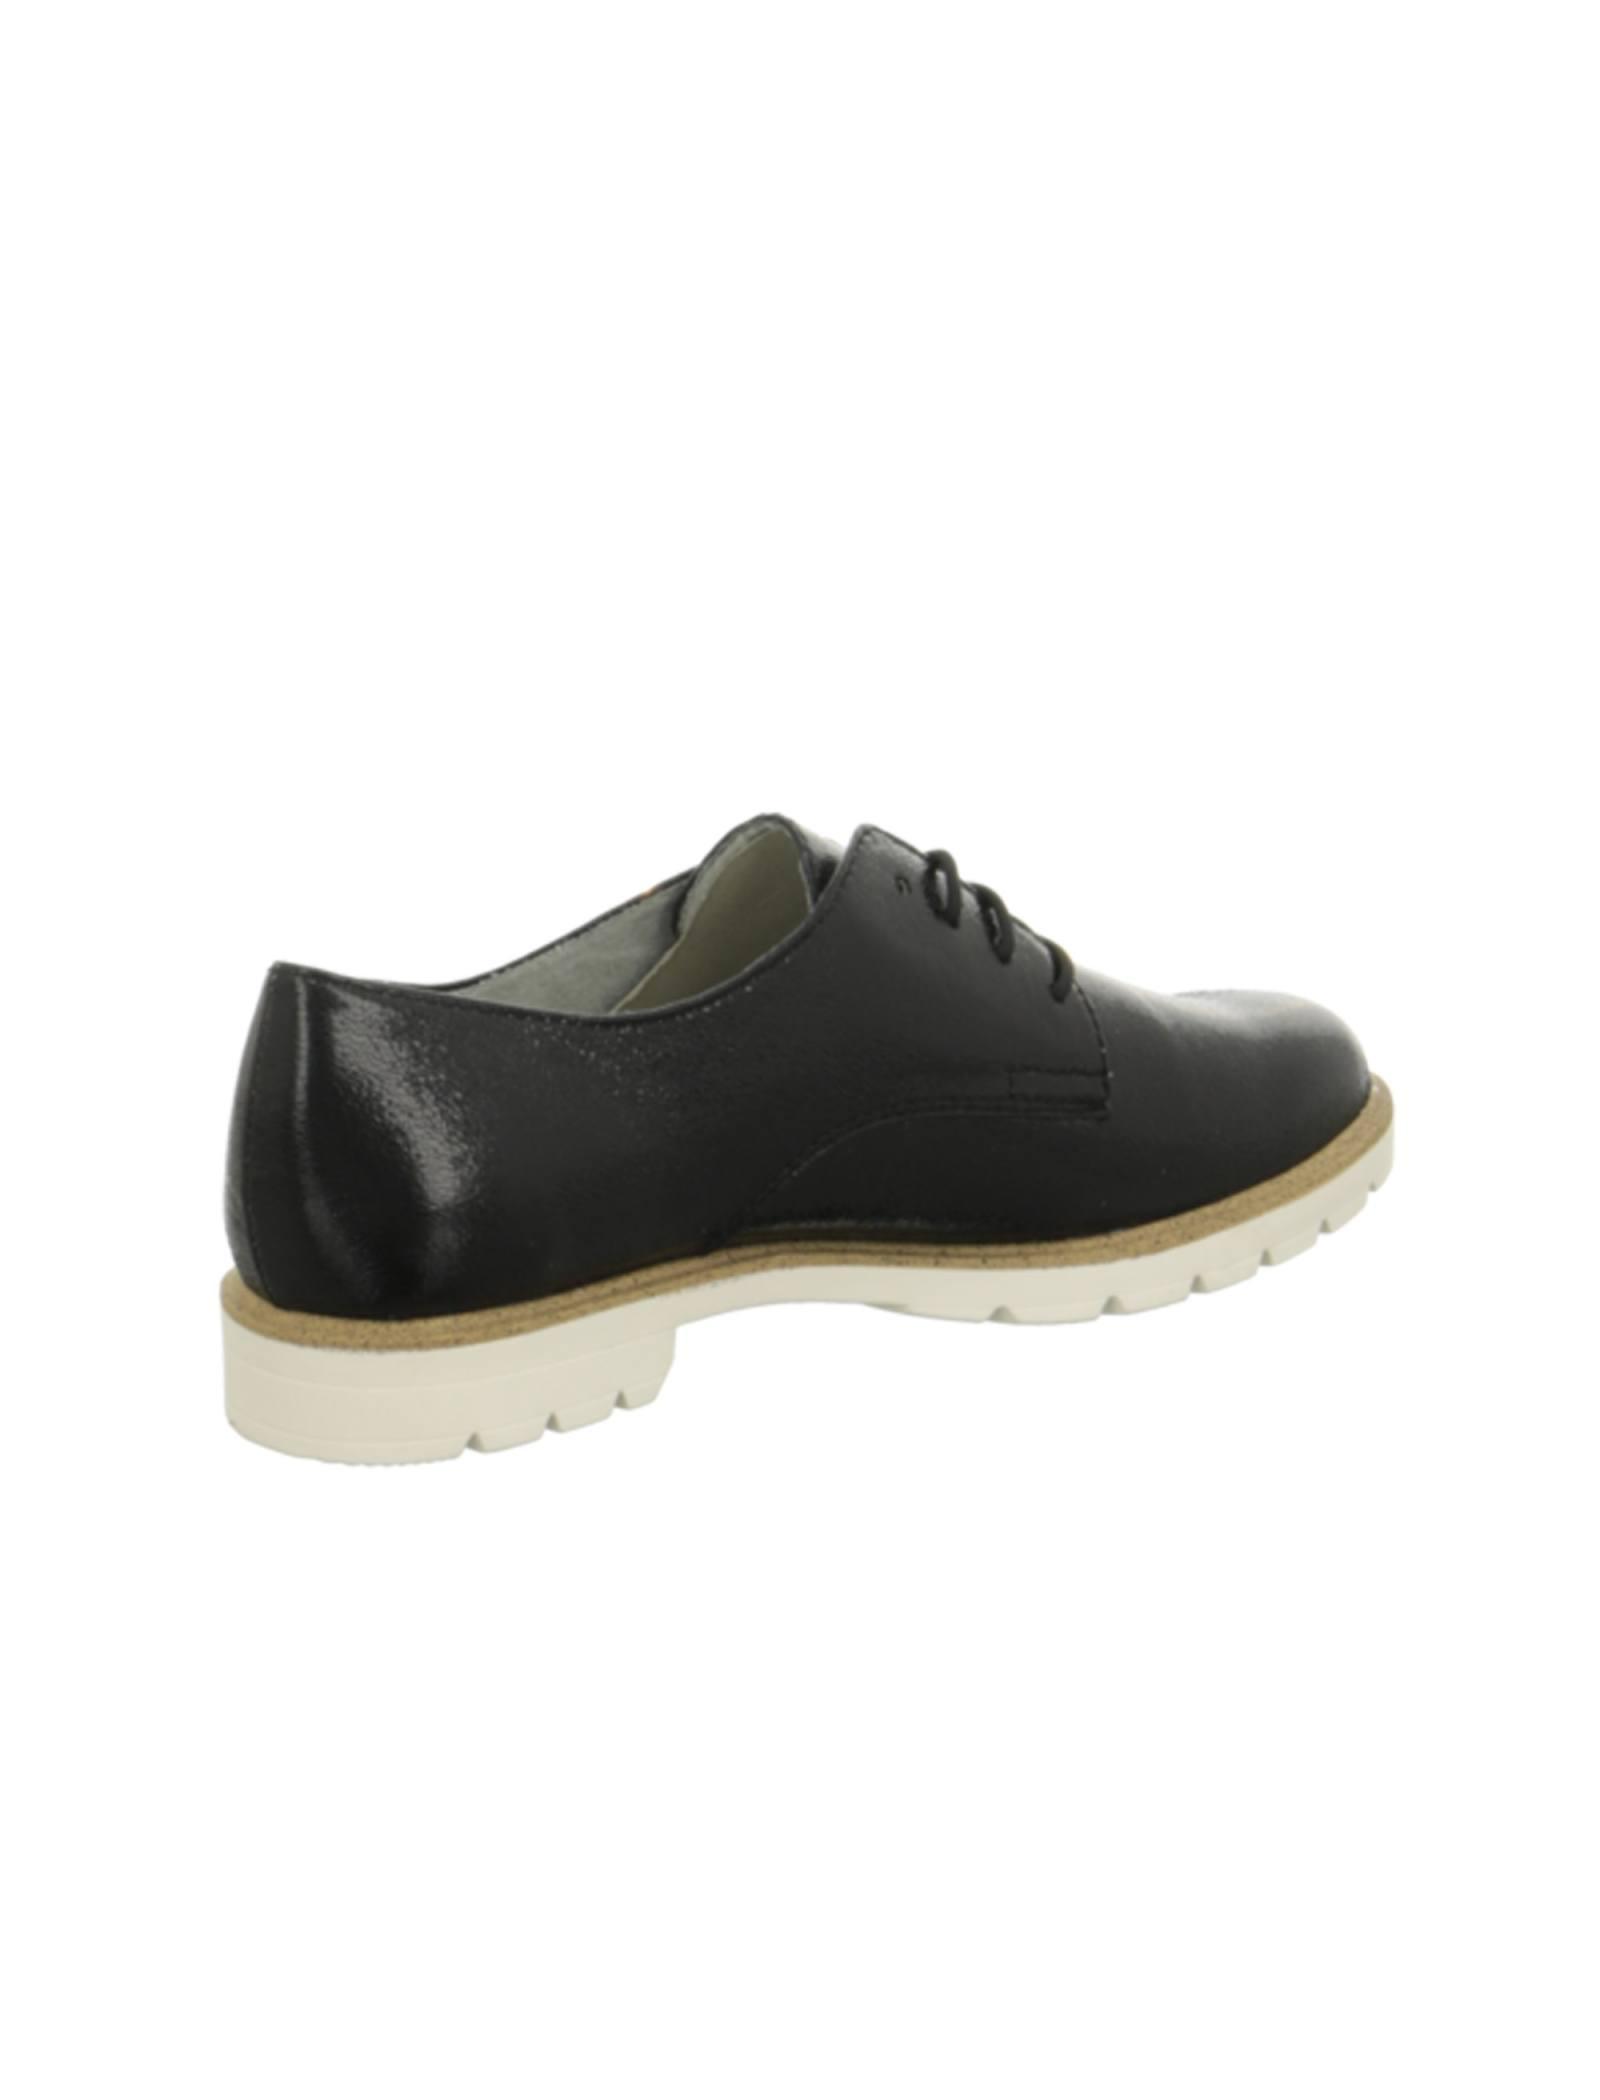 کفش تخت زنانه - تاماریس - مشکي - 3